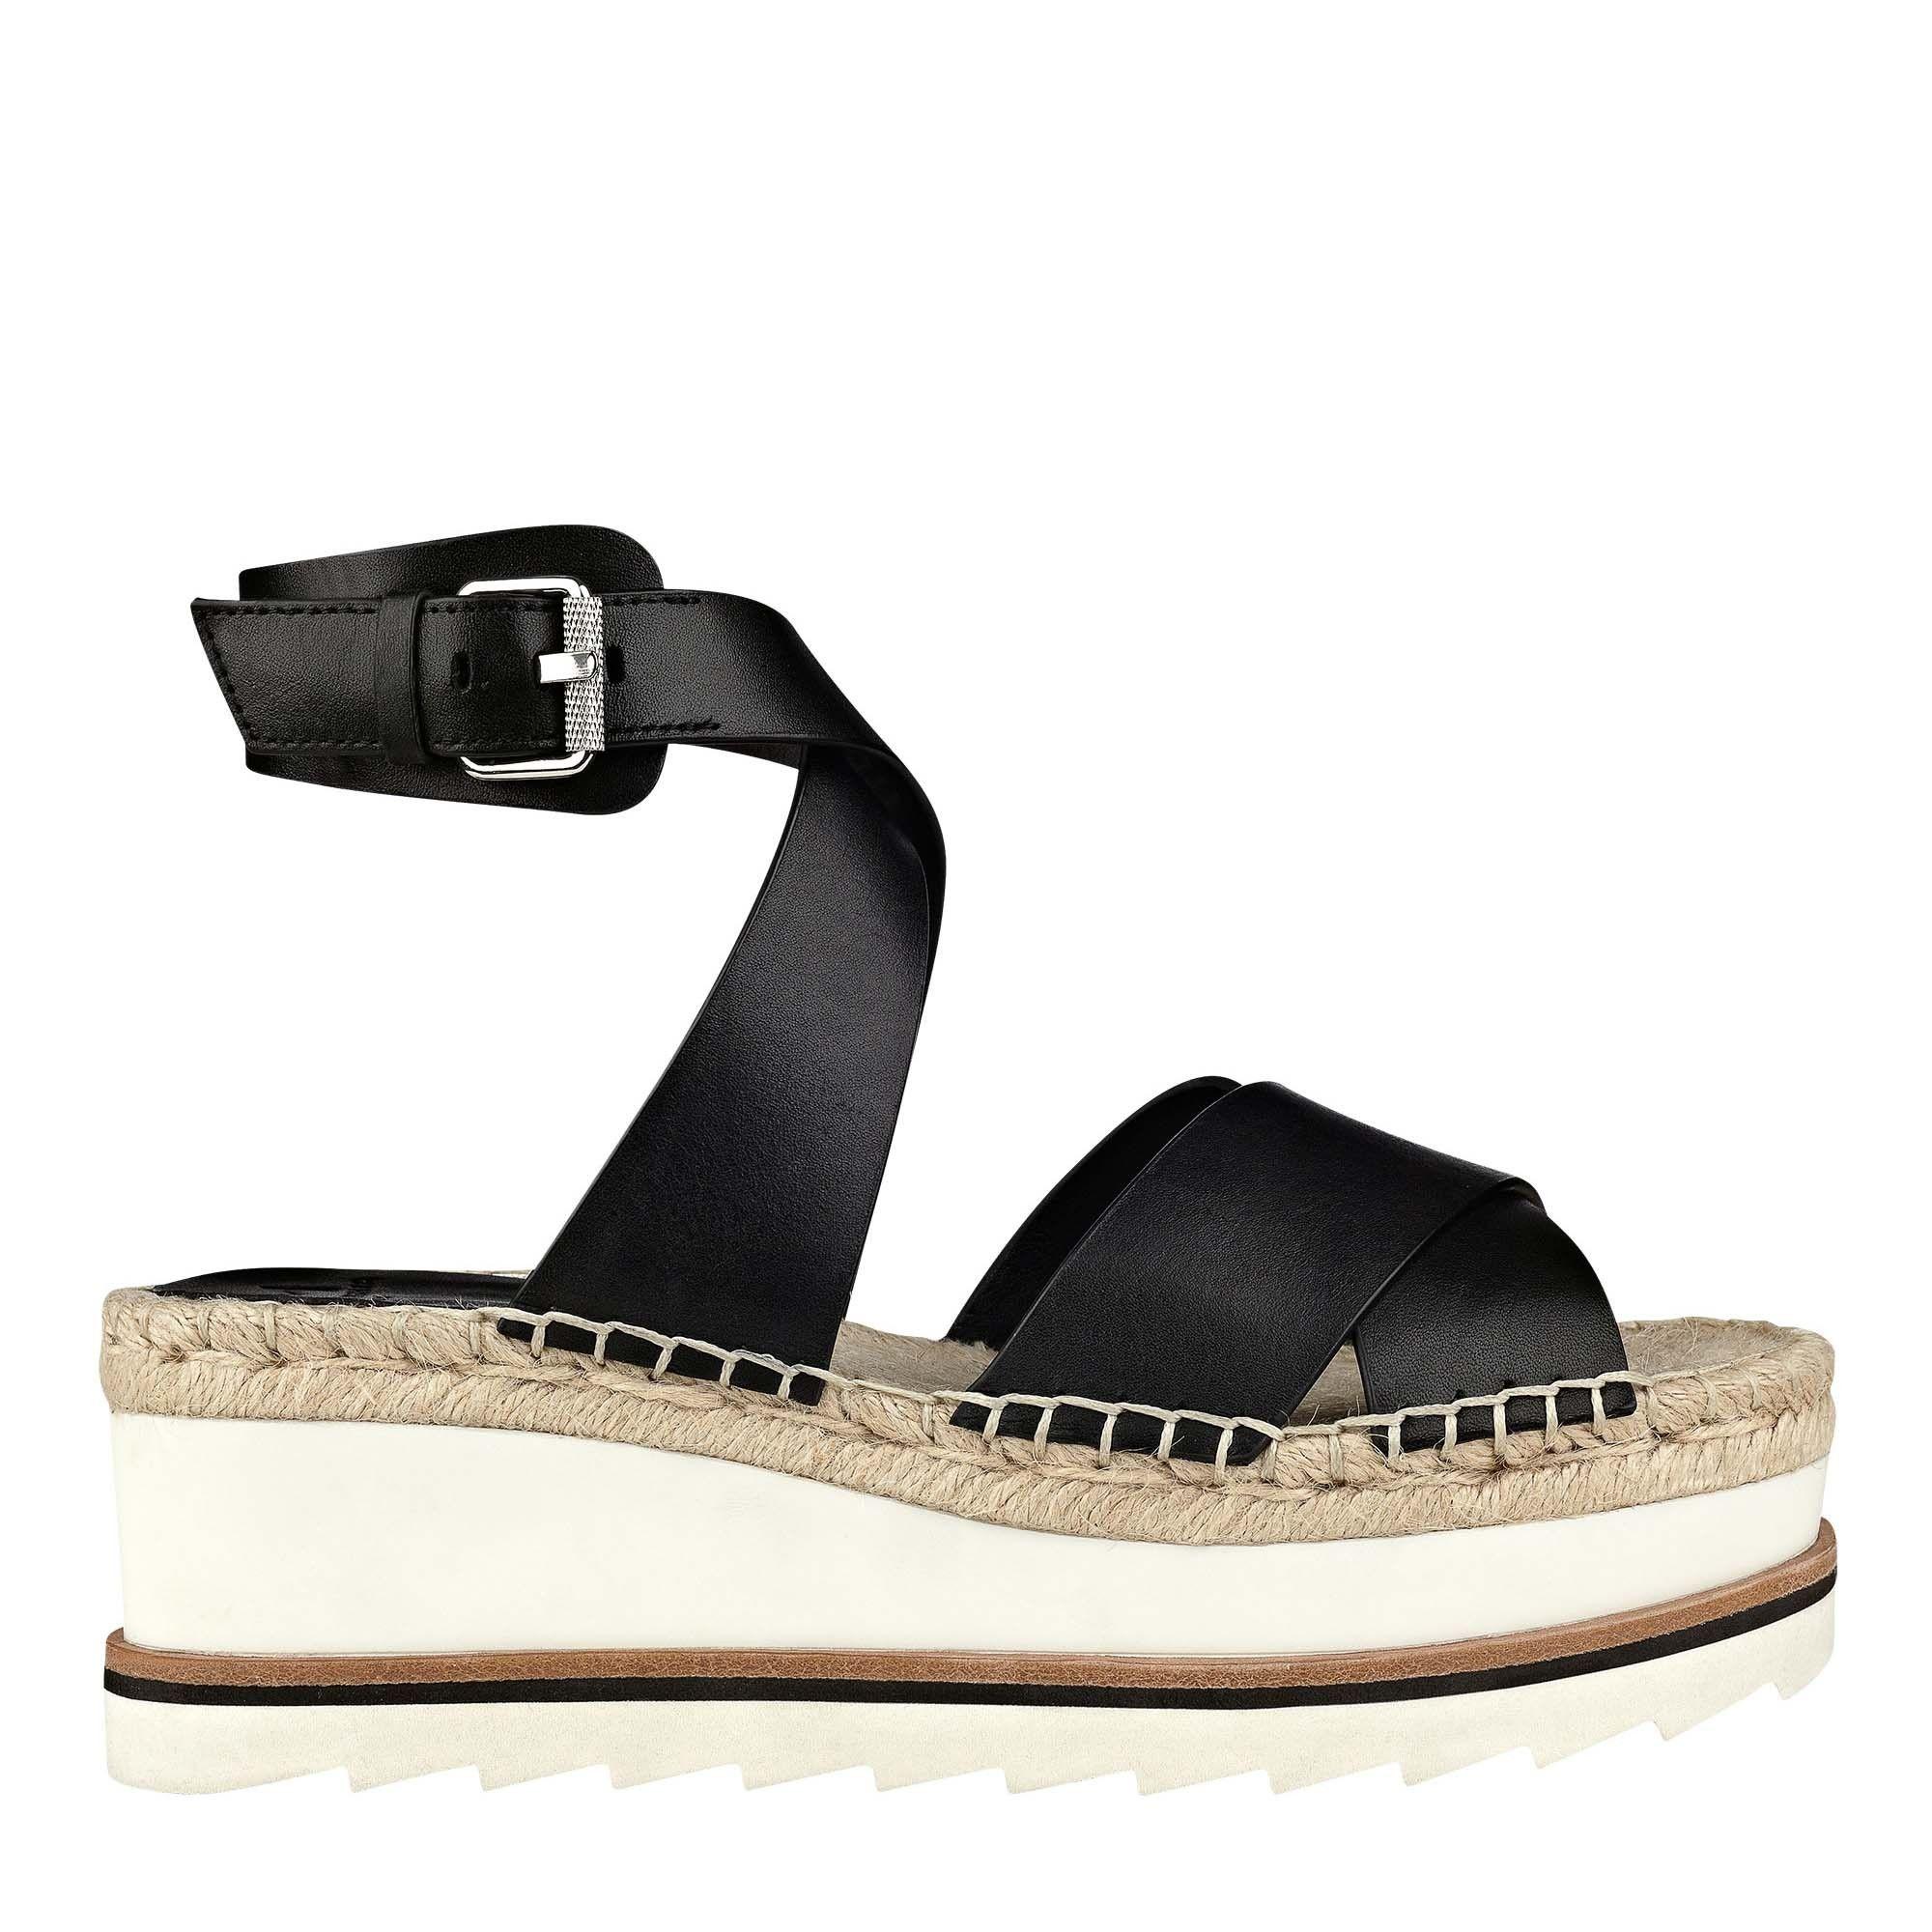 7c8f53f4a9 Greg Eva Platform Sandal | Shoes ! | Sandals, Shoes, Designer sandals